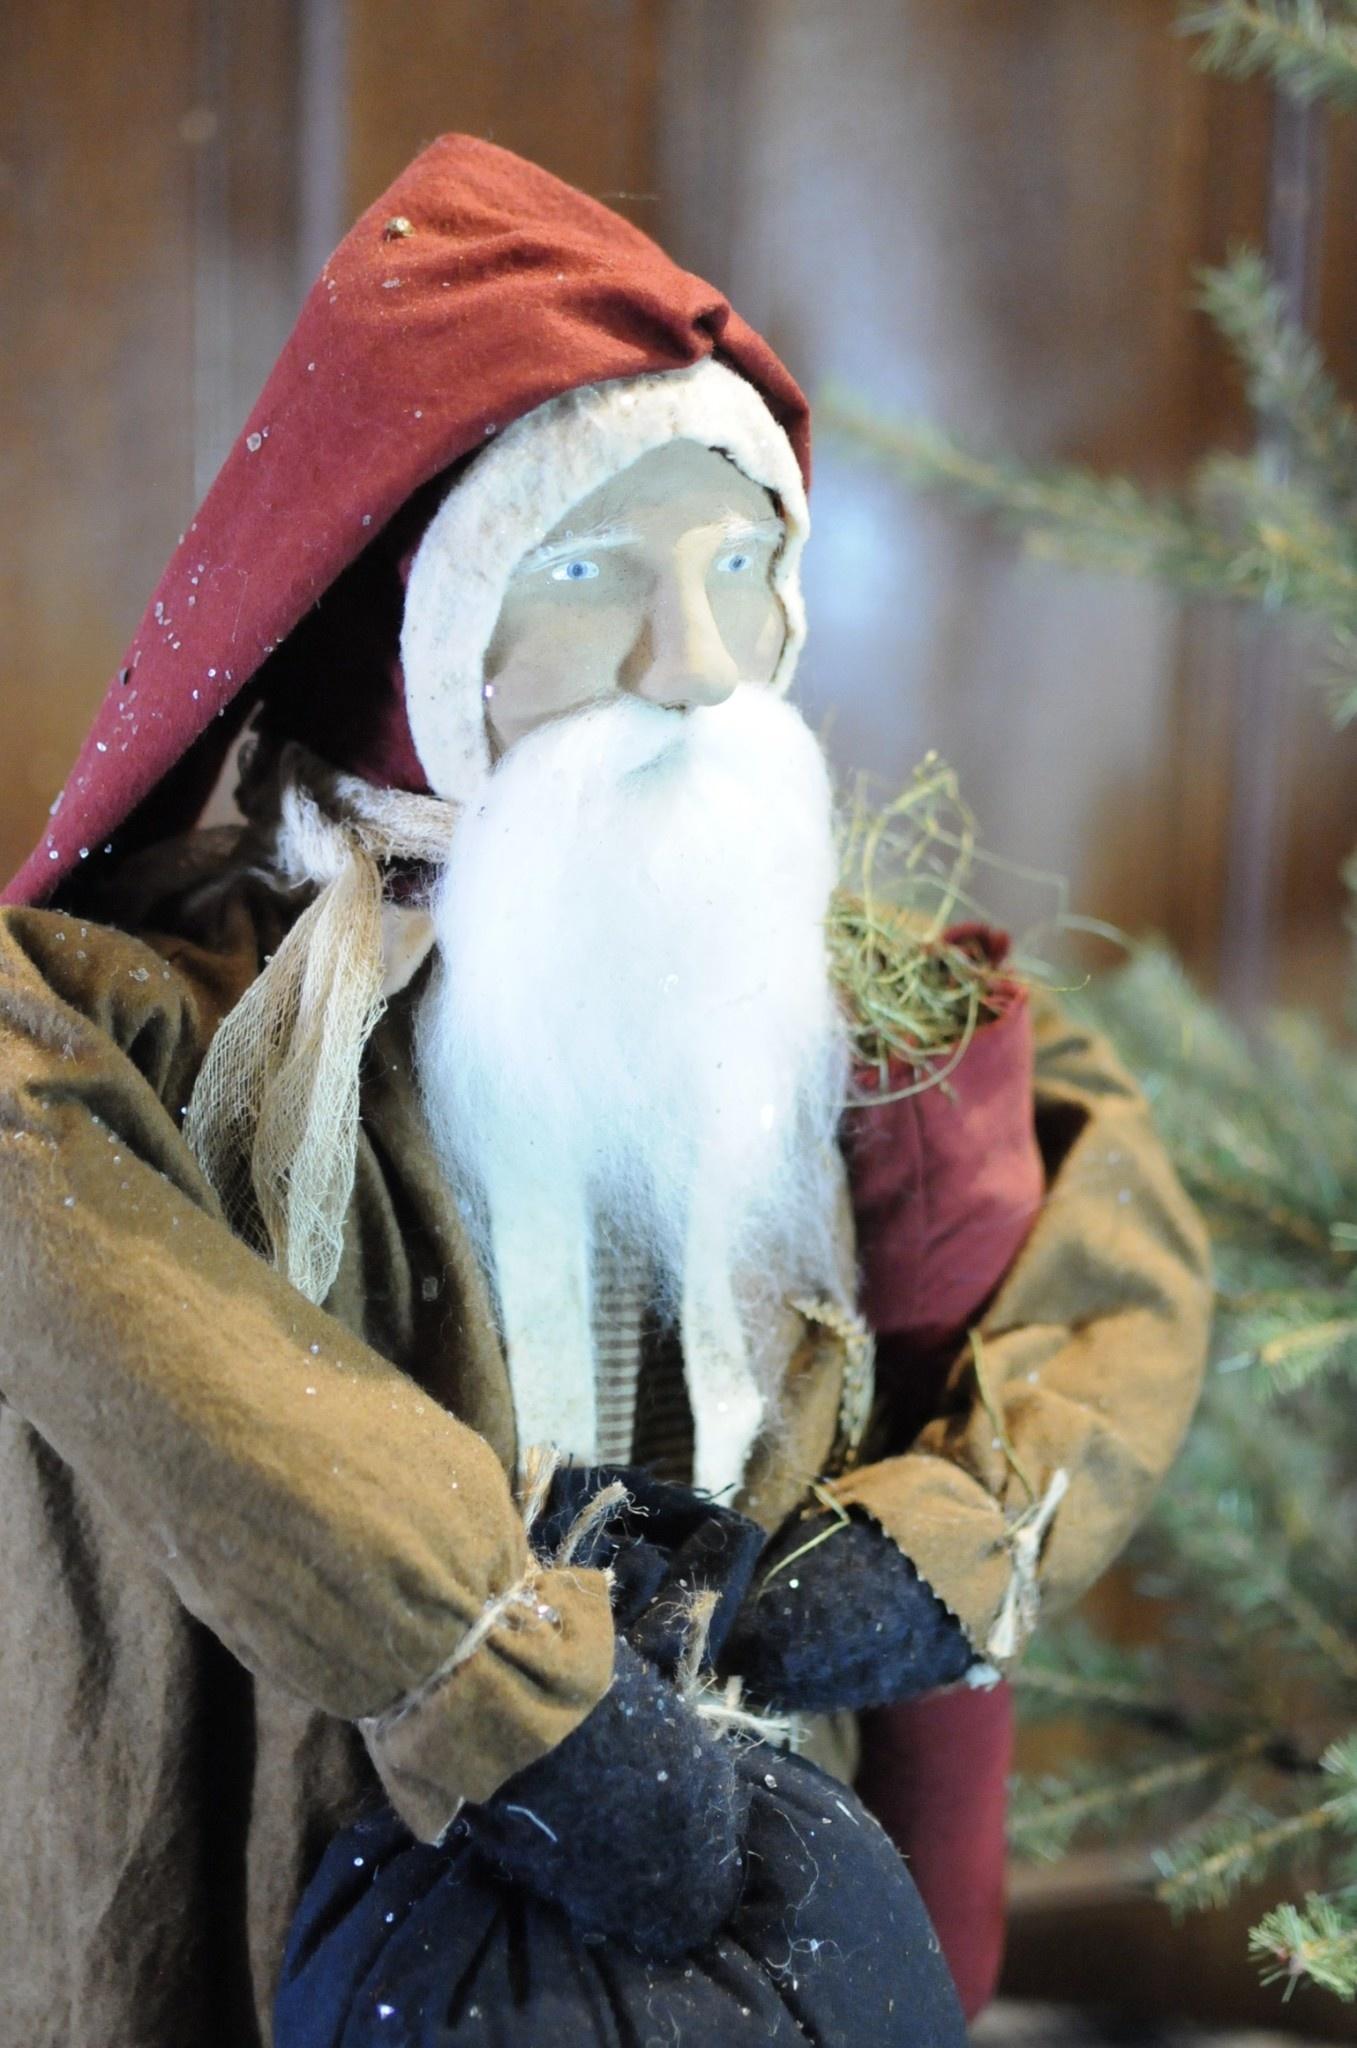 Arnett's JC3 Arnett's Santa with Red Stocking